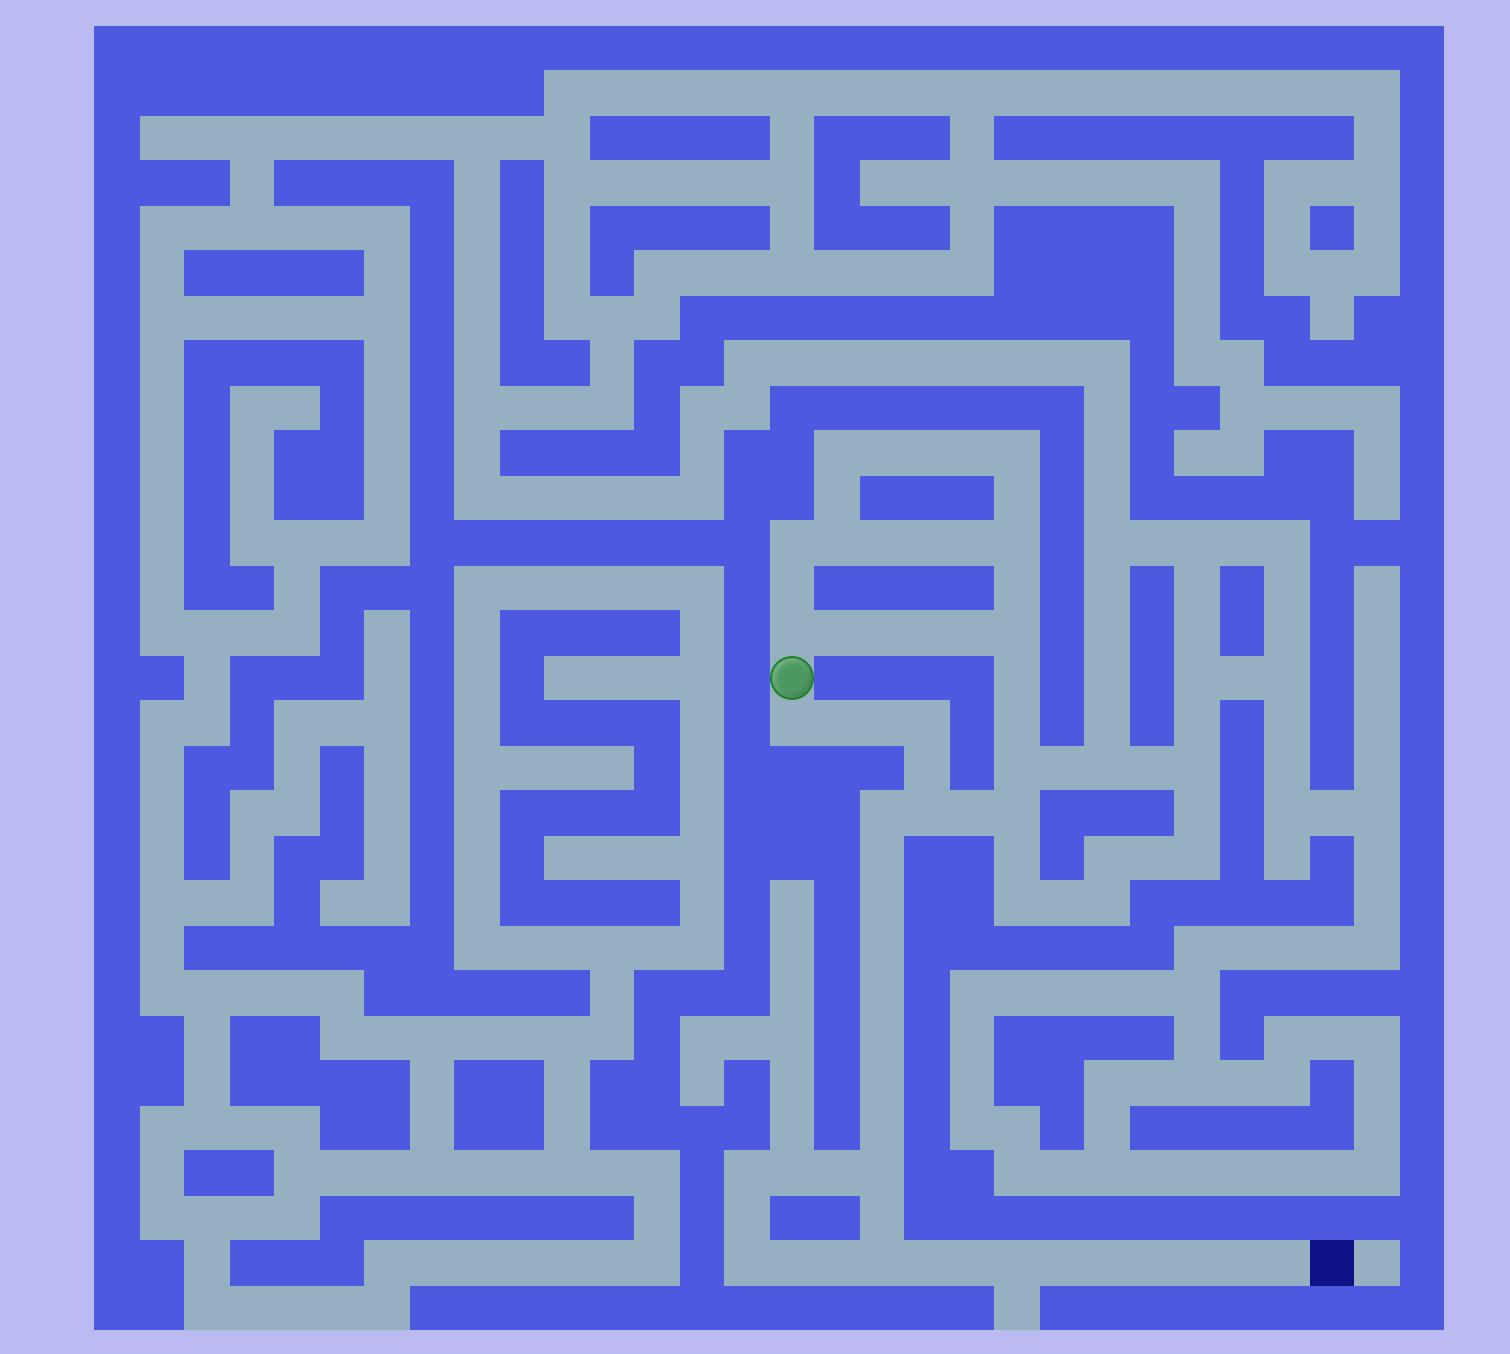 迷宮還有另外一項隱藏視角,就是當 Git 切換到 3D Branch 時,即可檢視 3D 介面的迷宮模式,此項是利用 css 的旋轉(transform、rotateX、rotateY、translateZ),將原本的每個節點元素各自新增出六個元素充當六個面,再分別調整每個元素內的各個面旋轉、位移角度